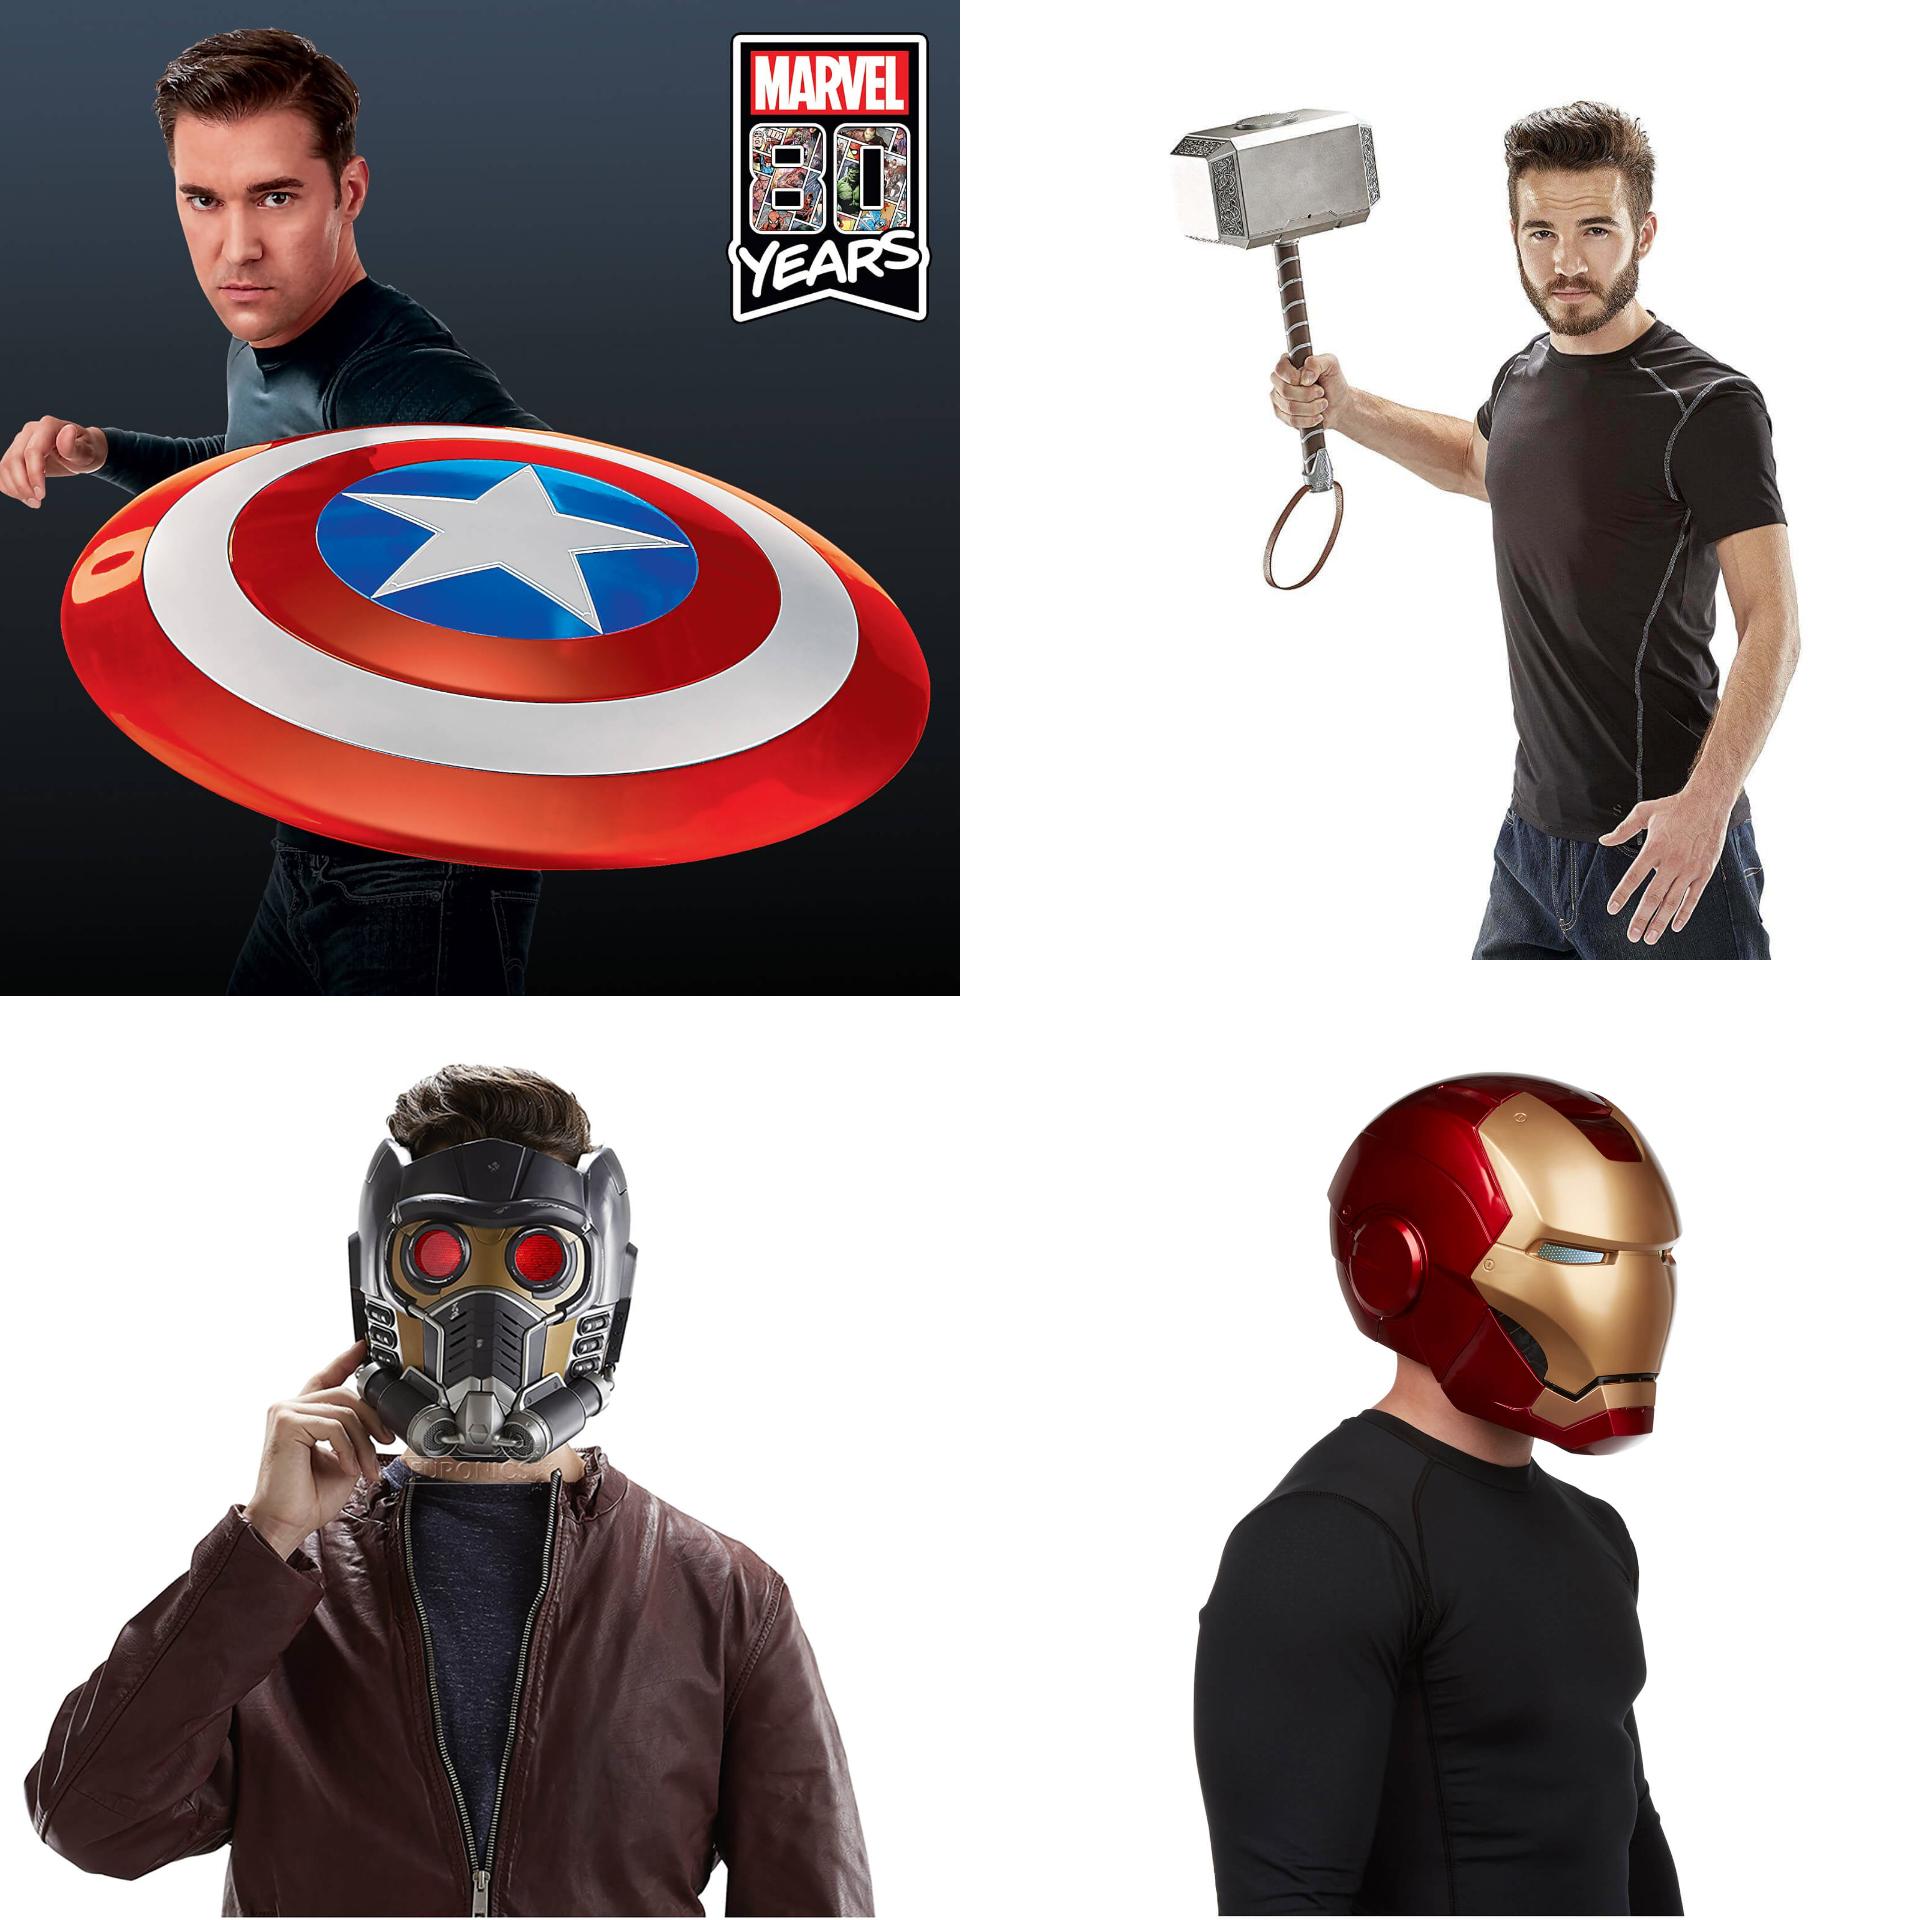 Licencjonowane produkty MARVELA od Hasbro (w tym repliki broni i sprzętu Avengers) @zavvi